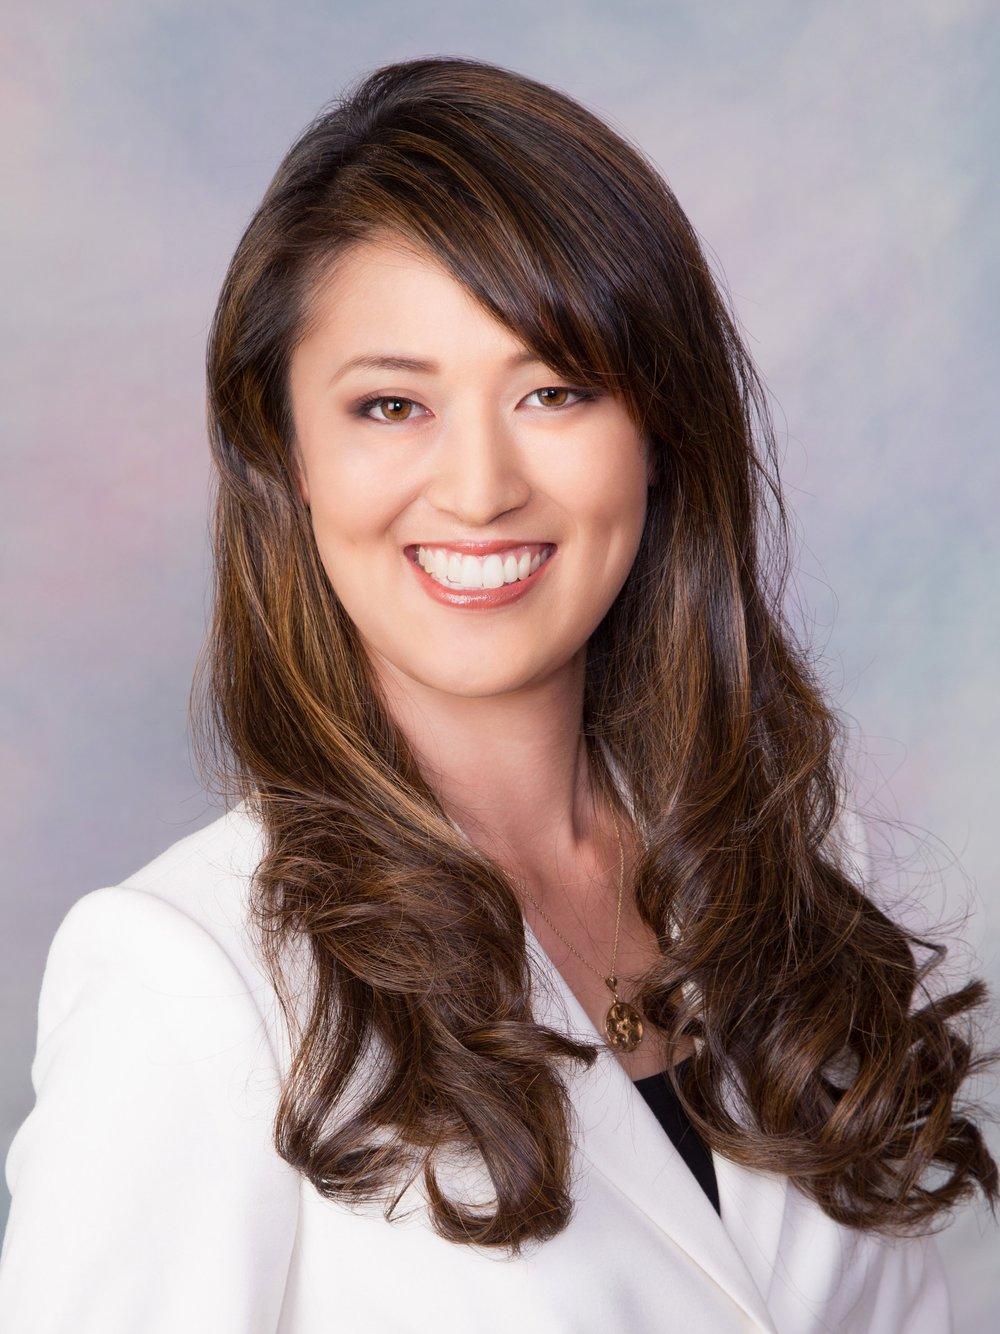 Kelli-Ann Wong